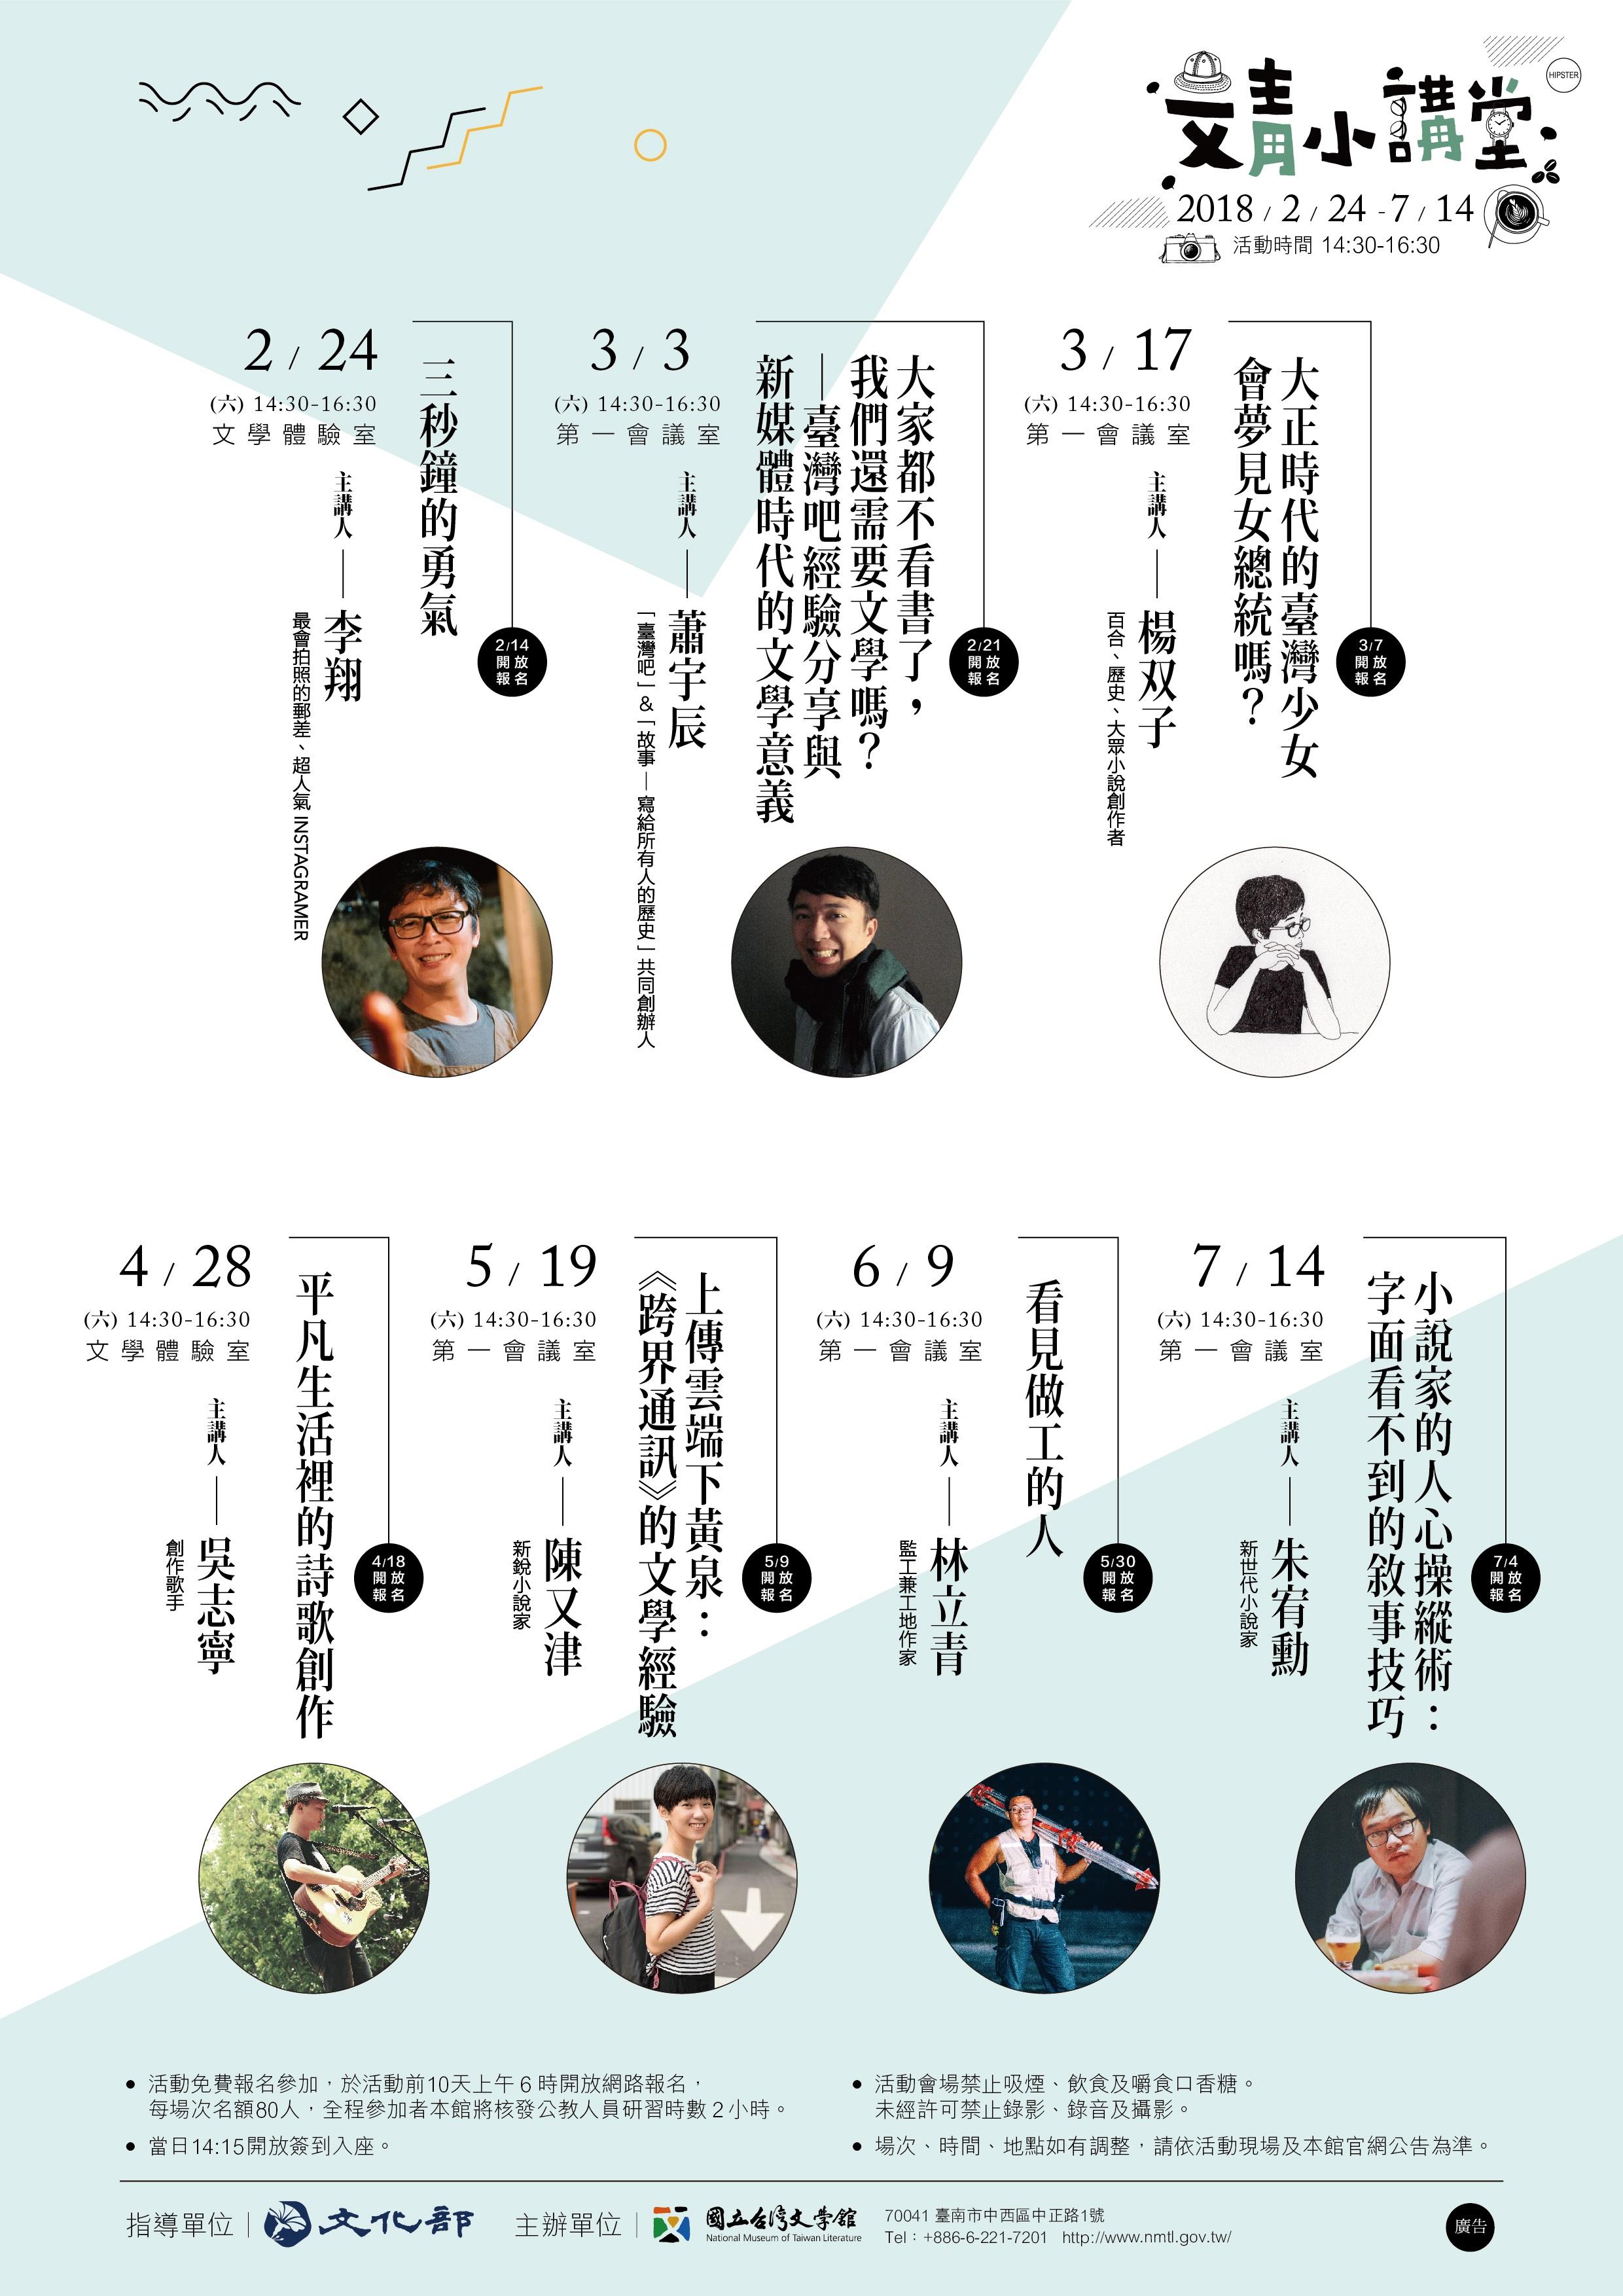 20180206-文學館-展教組-文青小講堂-A4文宣-or-02.jpg